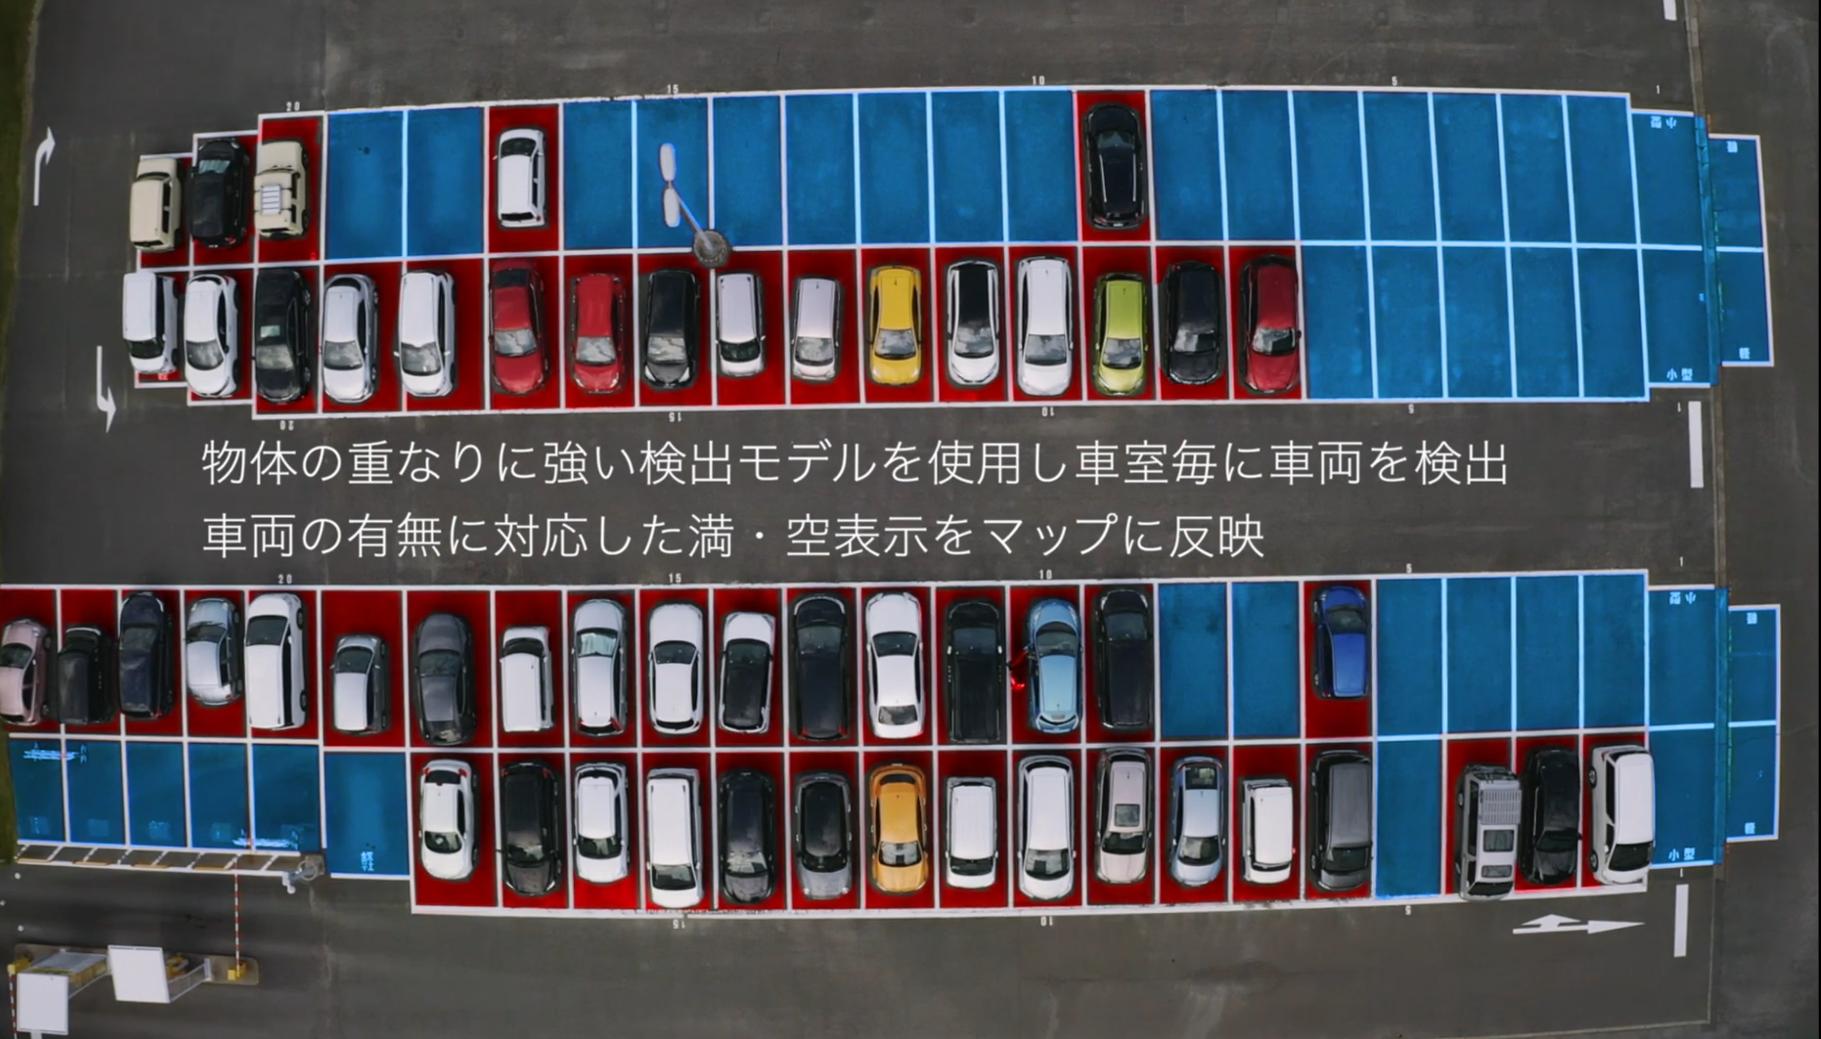 キューオキ AIスマートパーキング 紹介動画